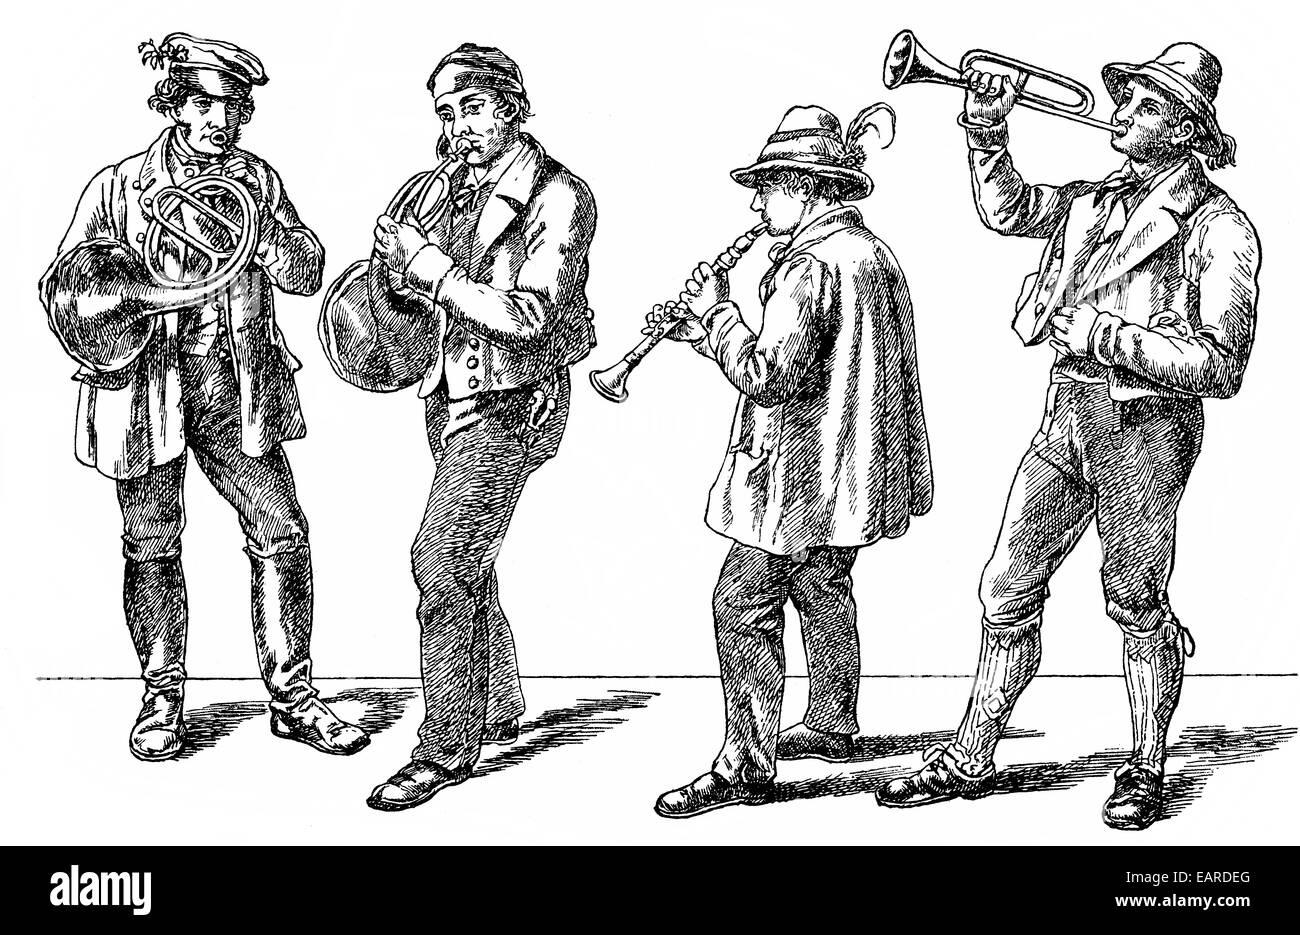 peasant musicians, folk music from the 19th Century, Bauernmusikanten, Volkstümliche Musik aus dem 19. Jahrhundert - Stock Image